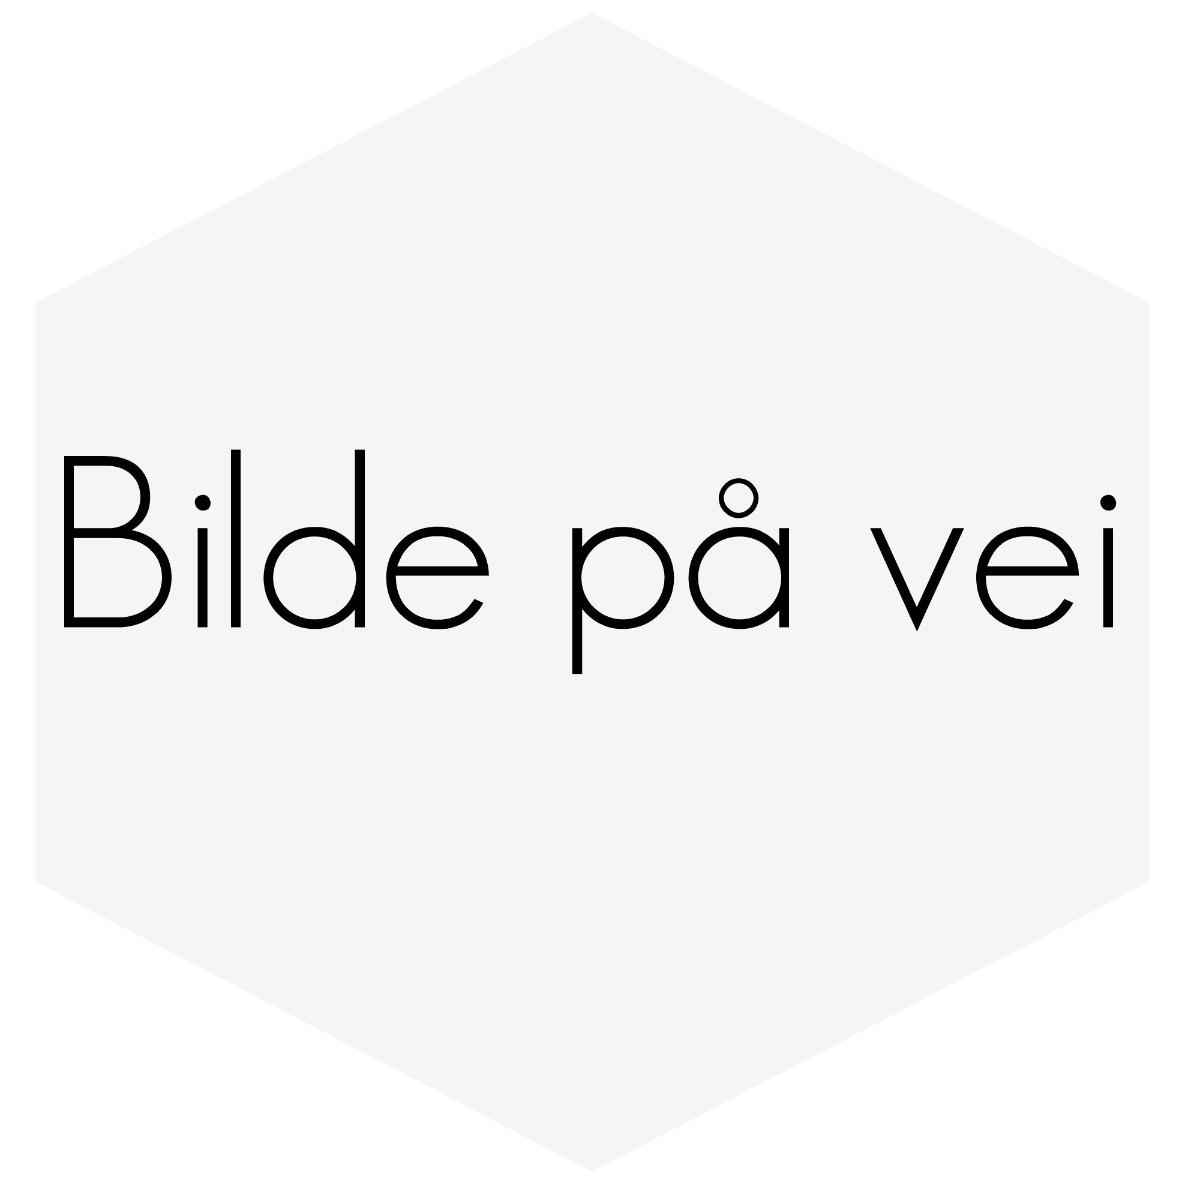 INNSUGNINGSRØR TIL DOBBLE FORGASSERE B18/B20